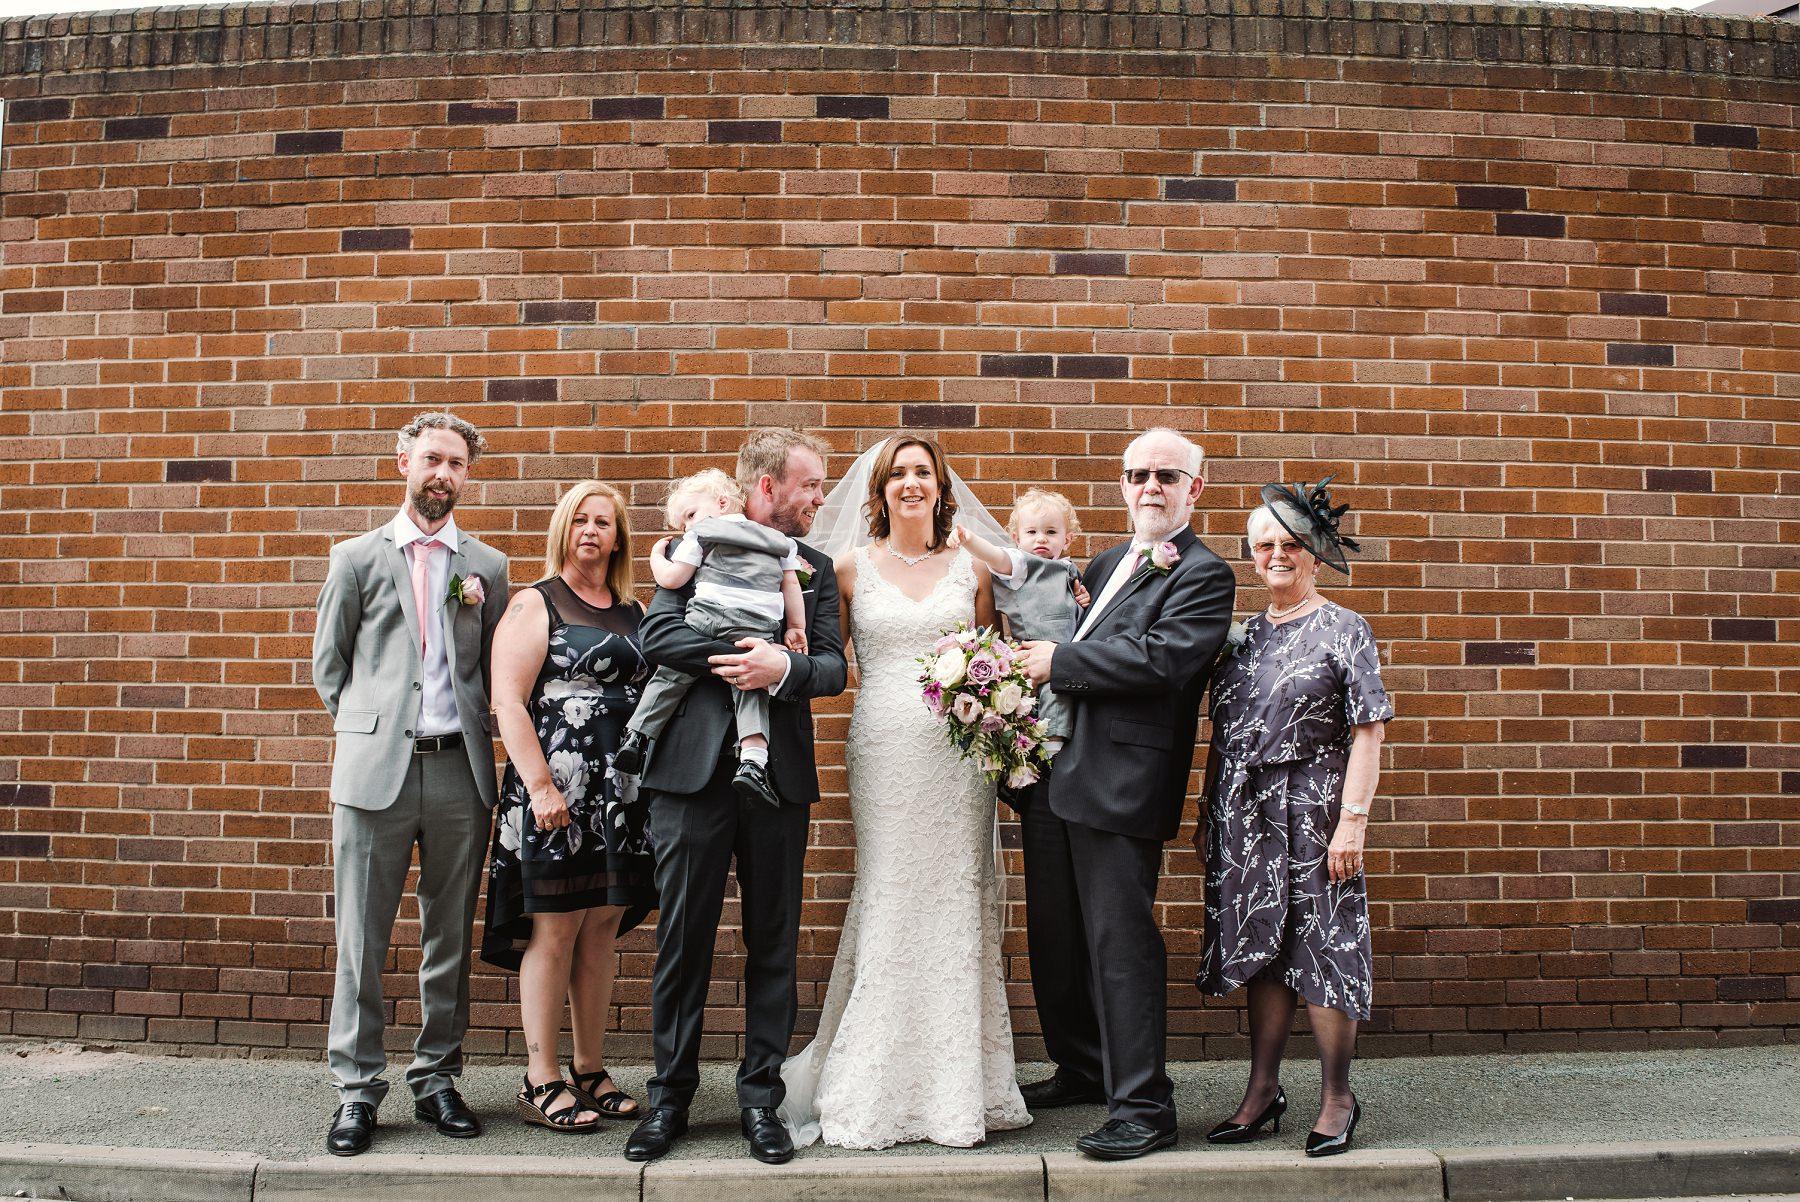 emma_steffan_wedding_buttermarket_0099.jpg